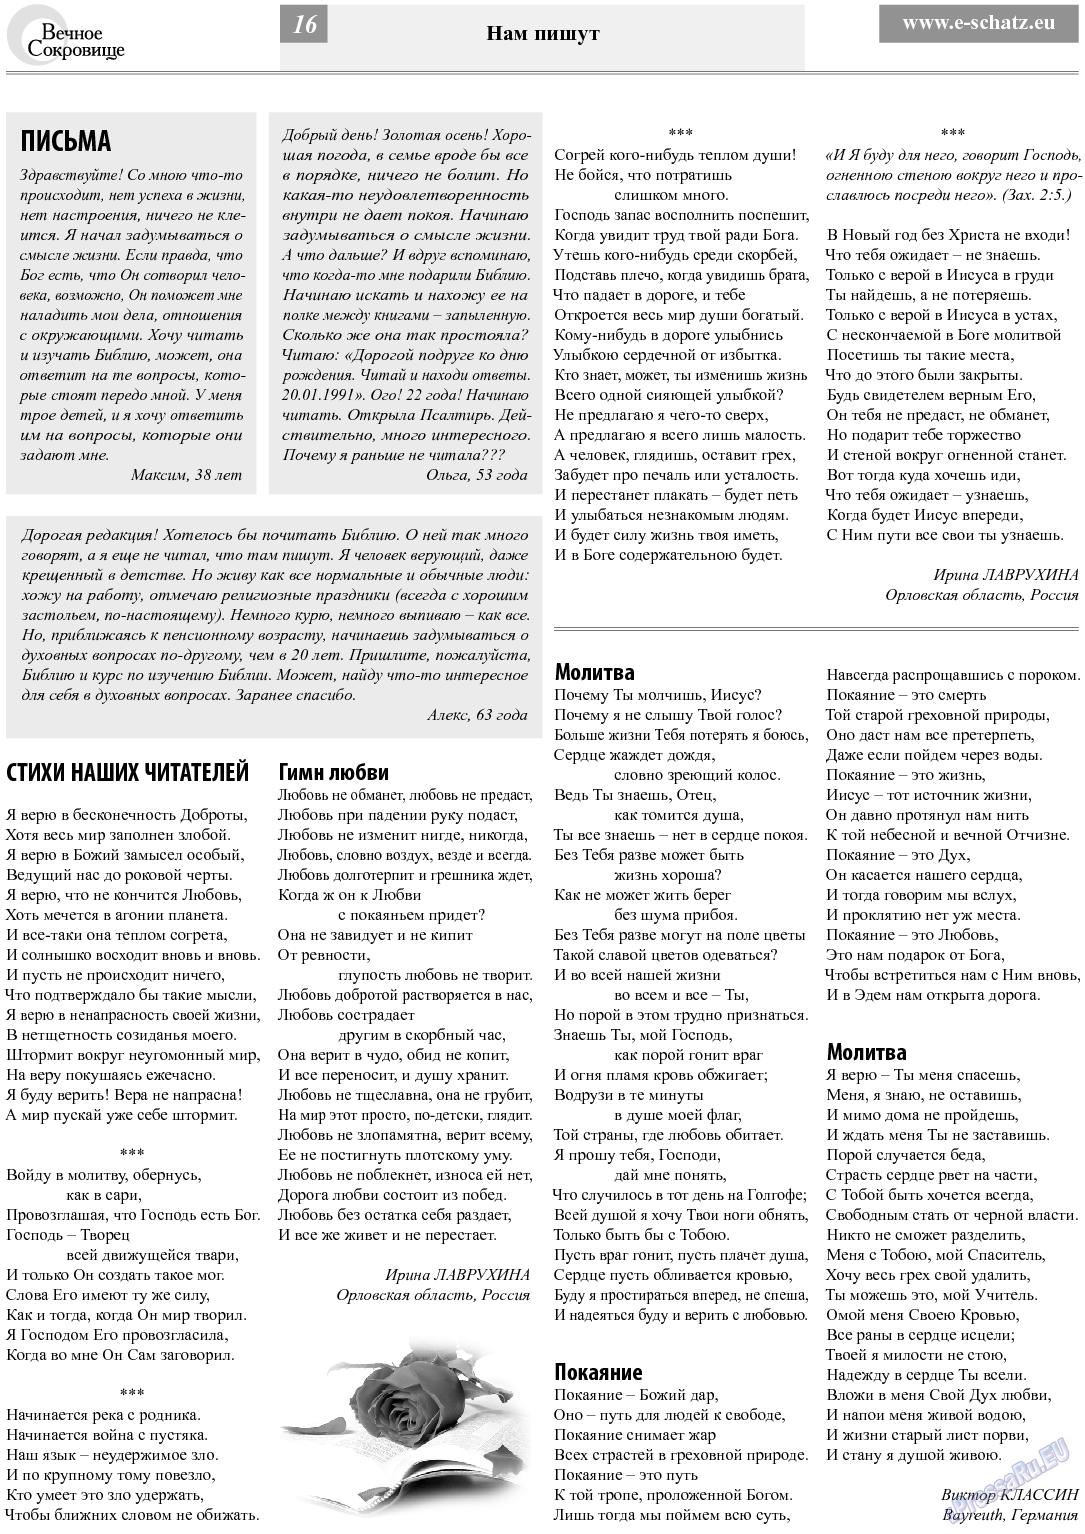 Вечное сокровище (газета). 2013 год, номер 6, стр. 16